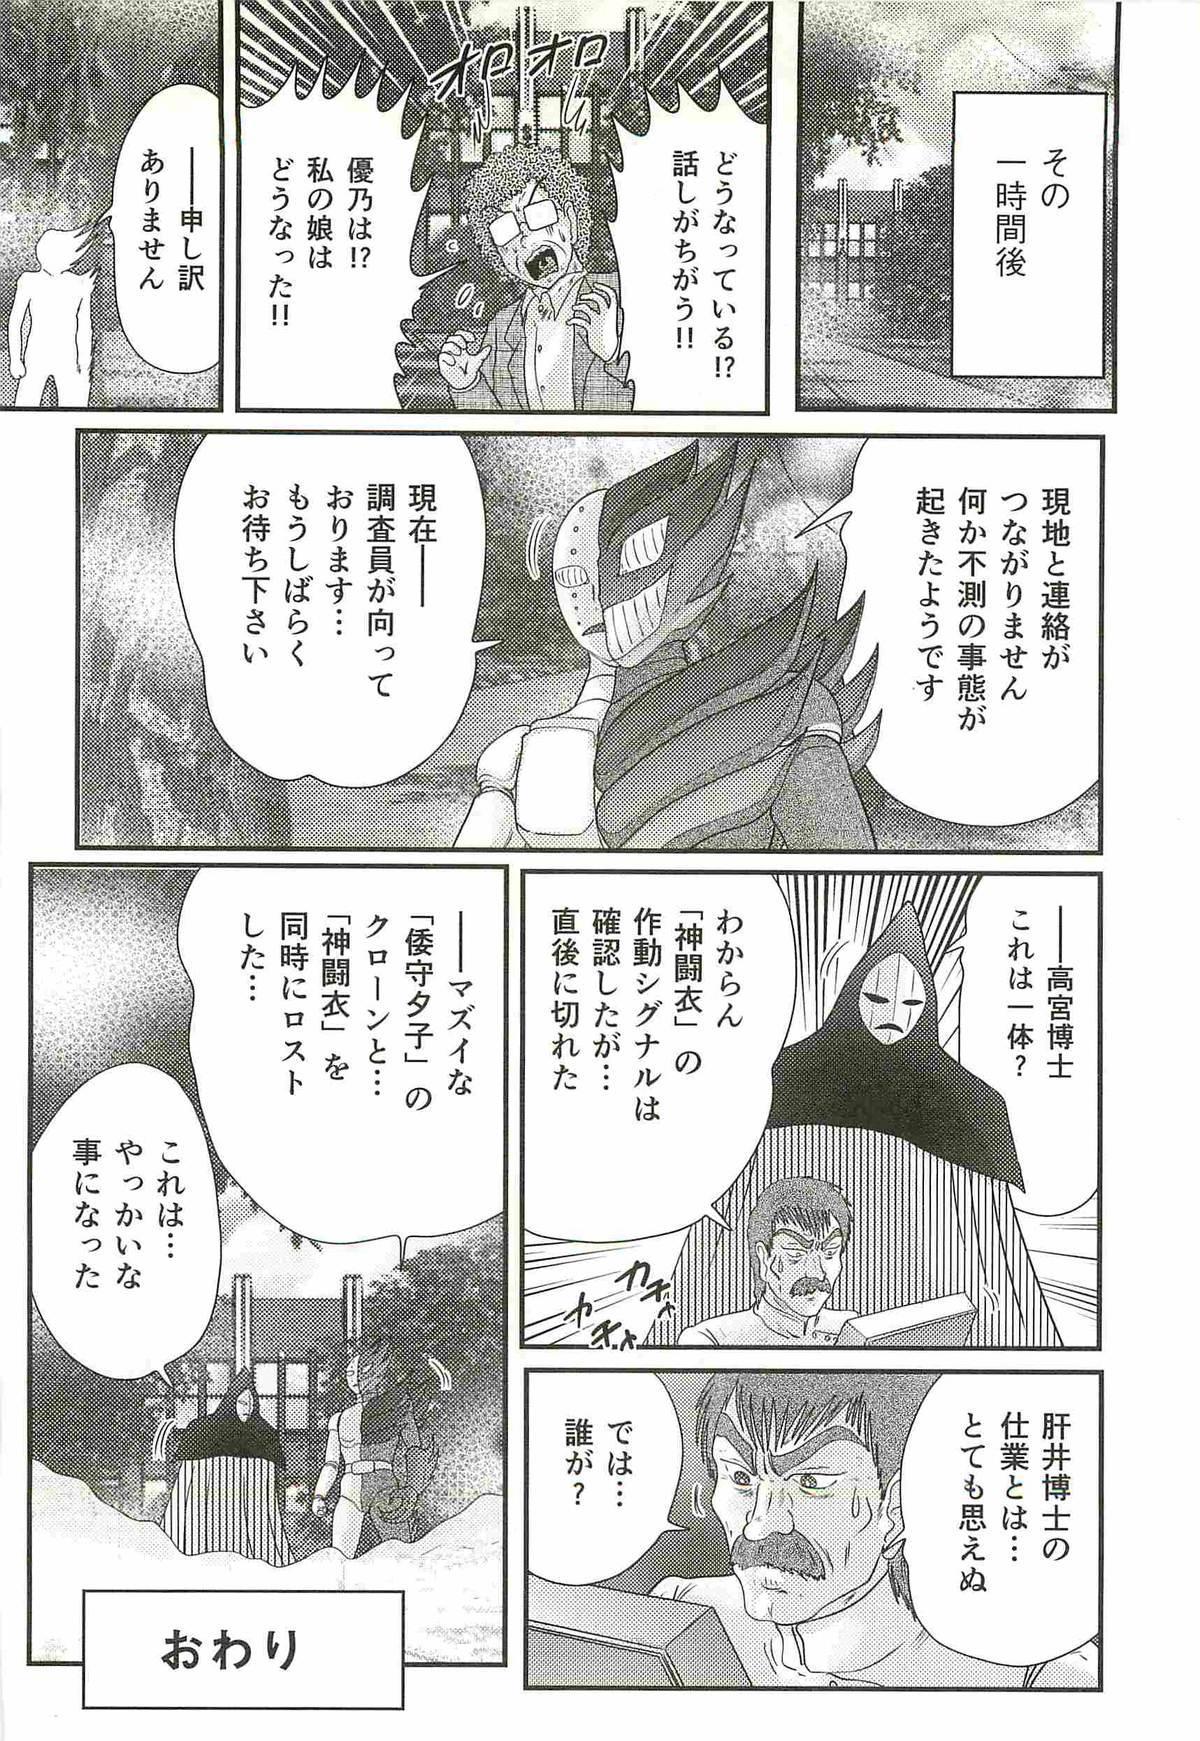 Seirei Tokusou Fairy Saber W - Shojo Kari 165